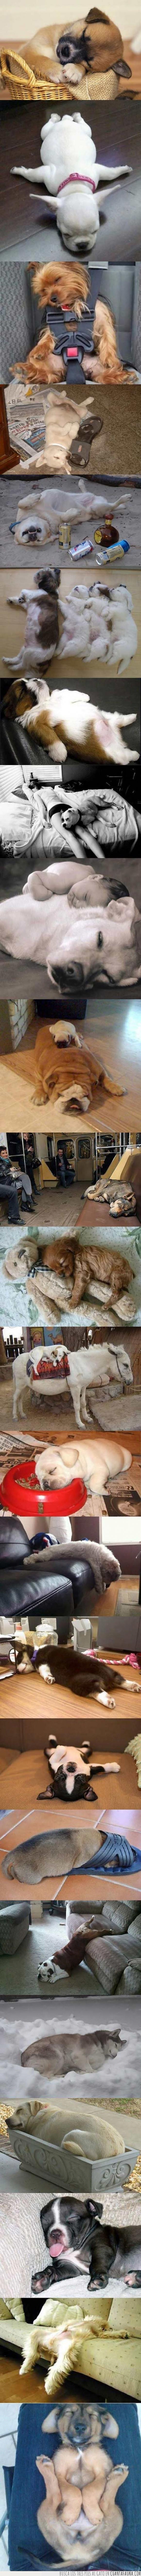 cachorro,comodidad,descansar,dormido,dormir,perro,posición,postura